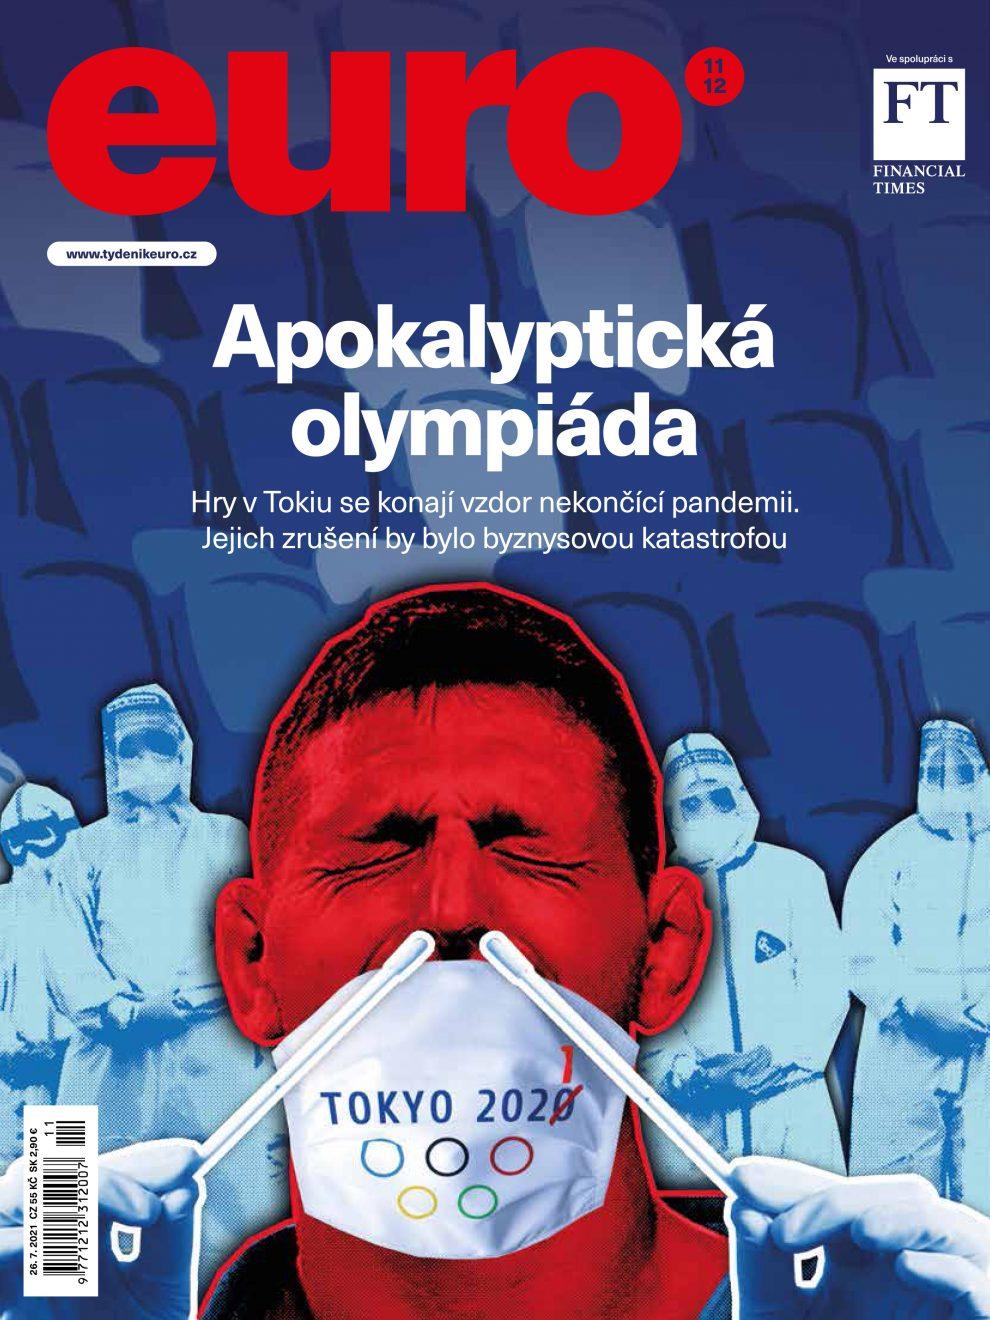 Euro 11-12/2021